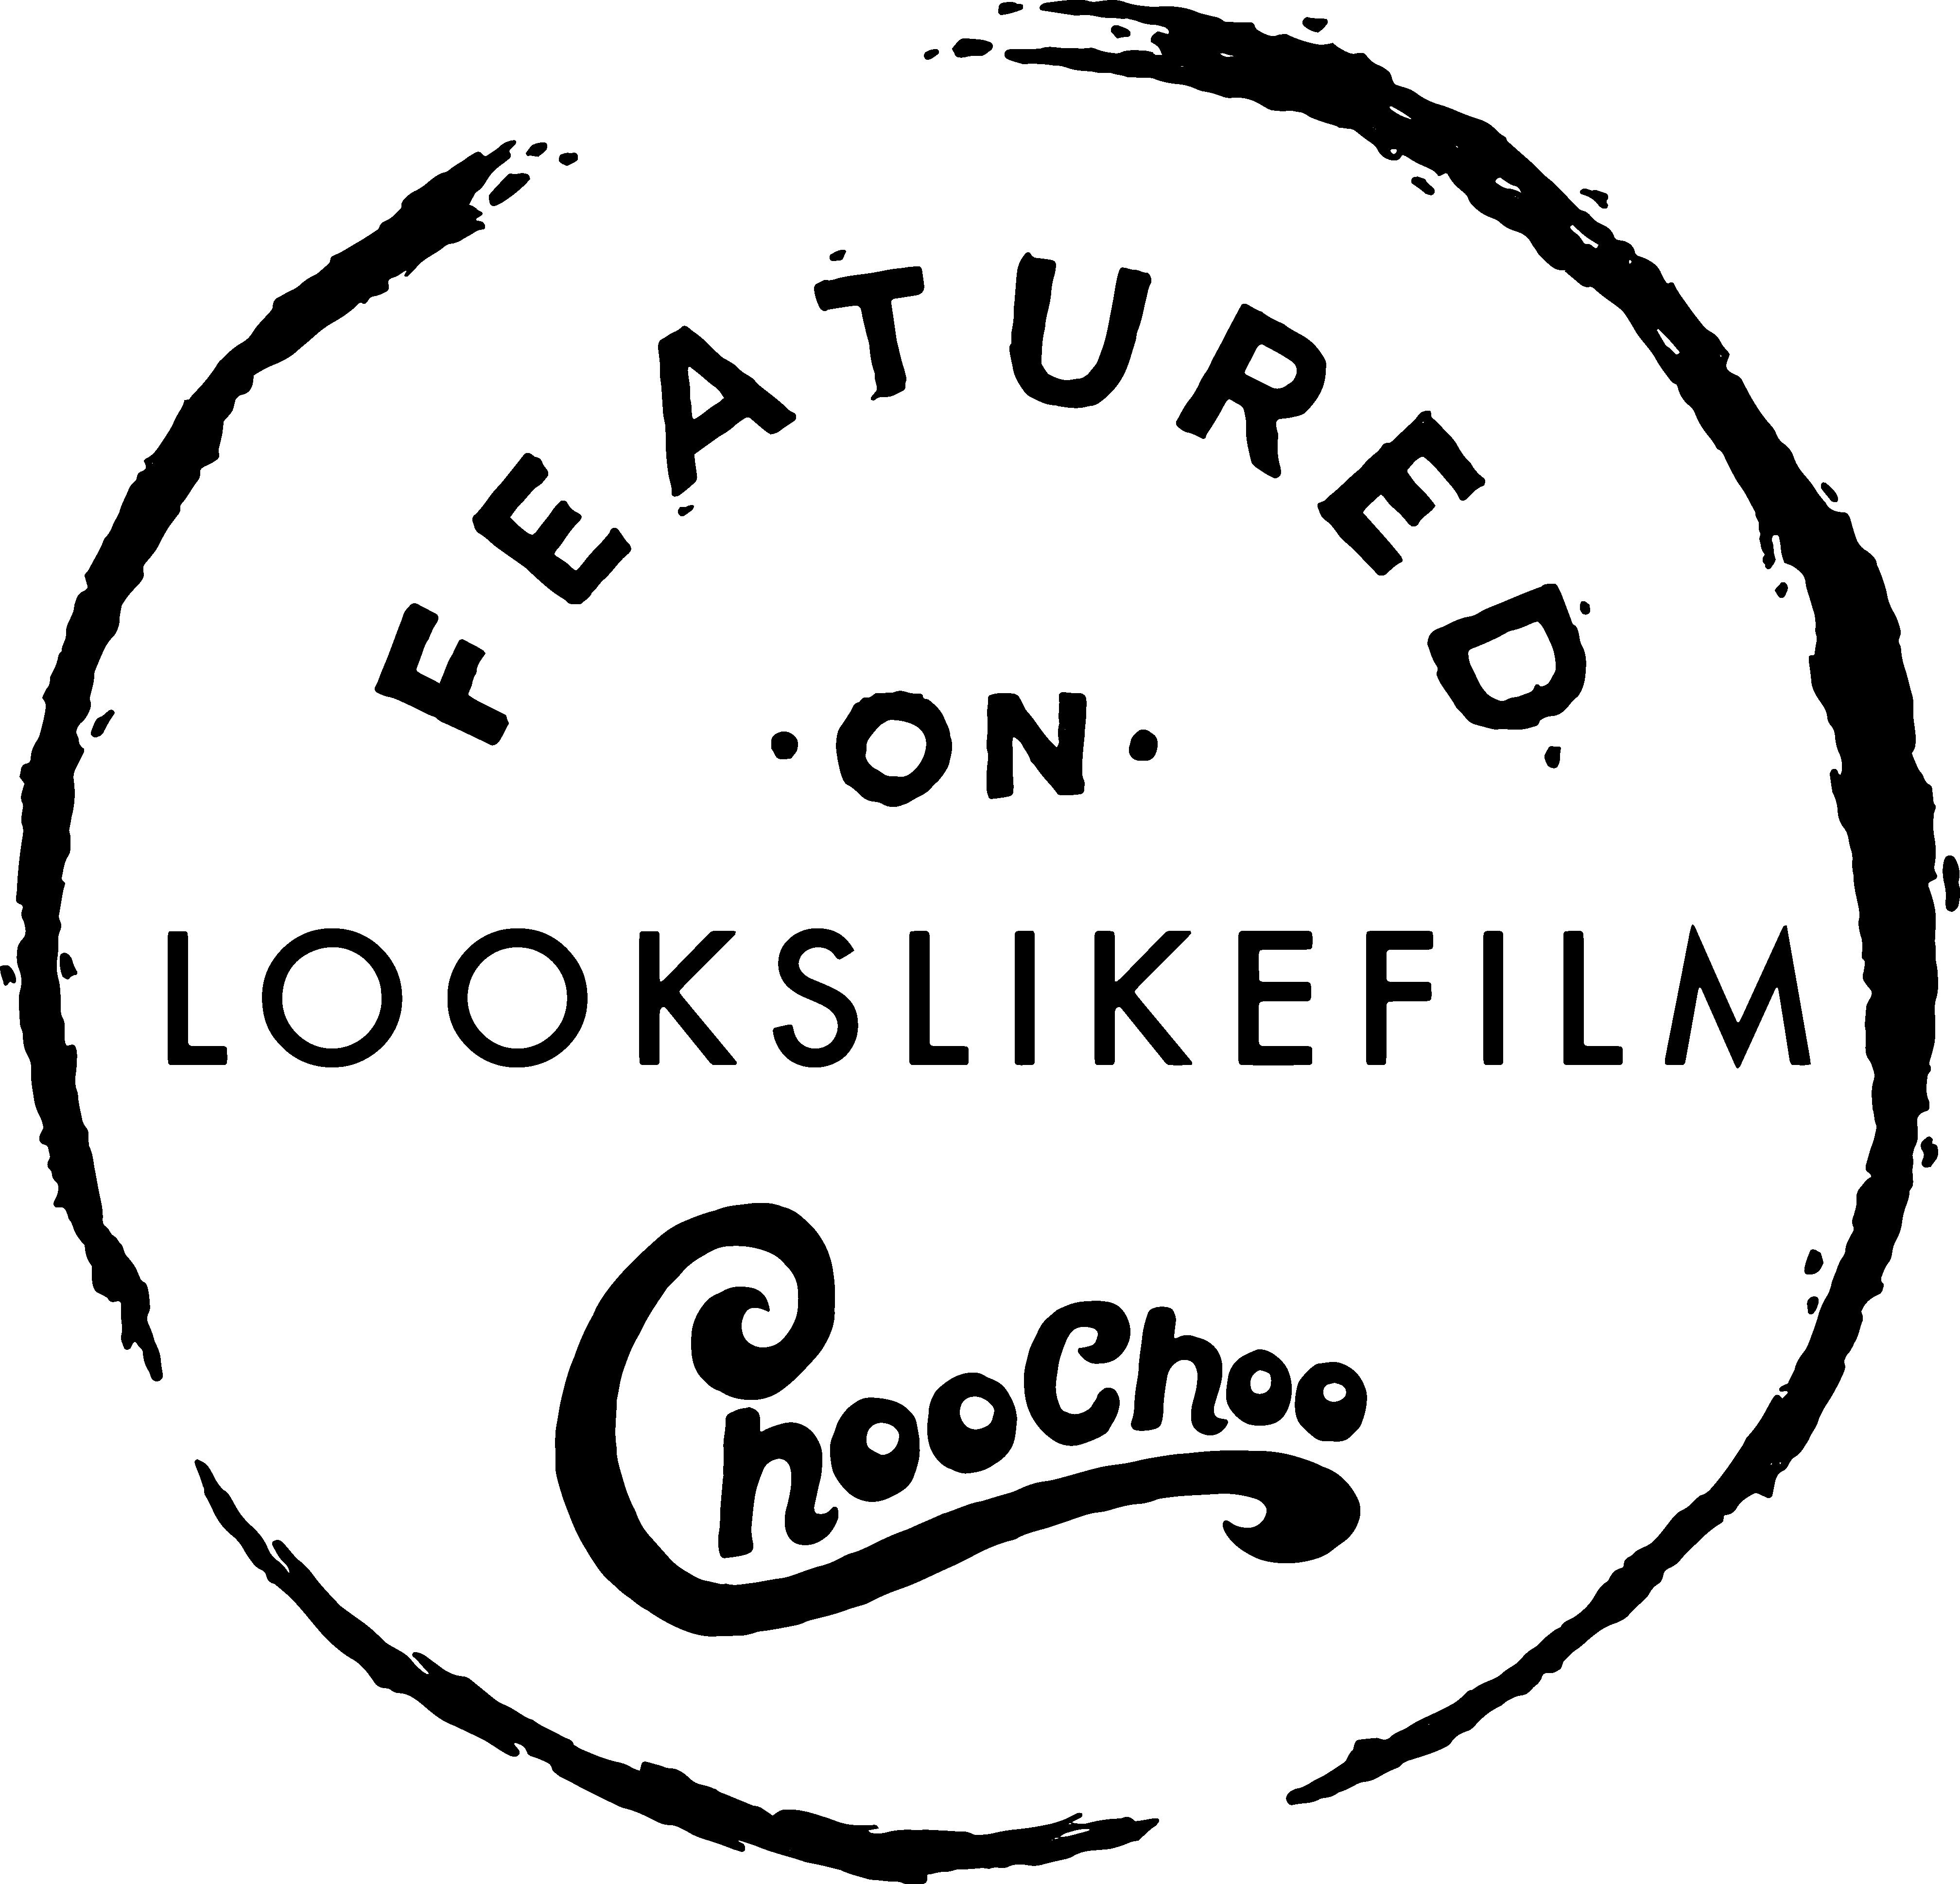 Choo Choo Lookslikefilm